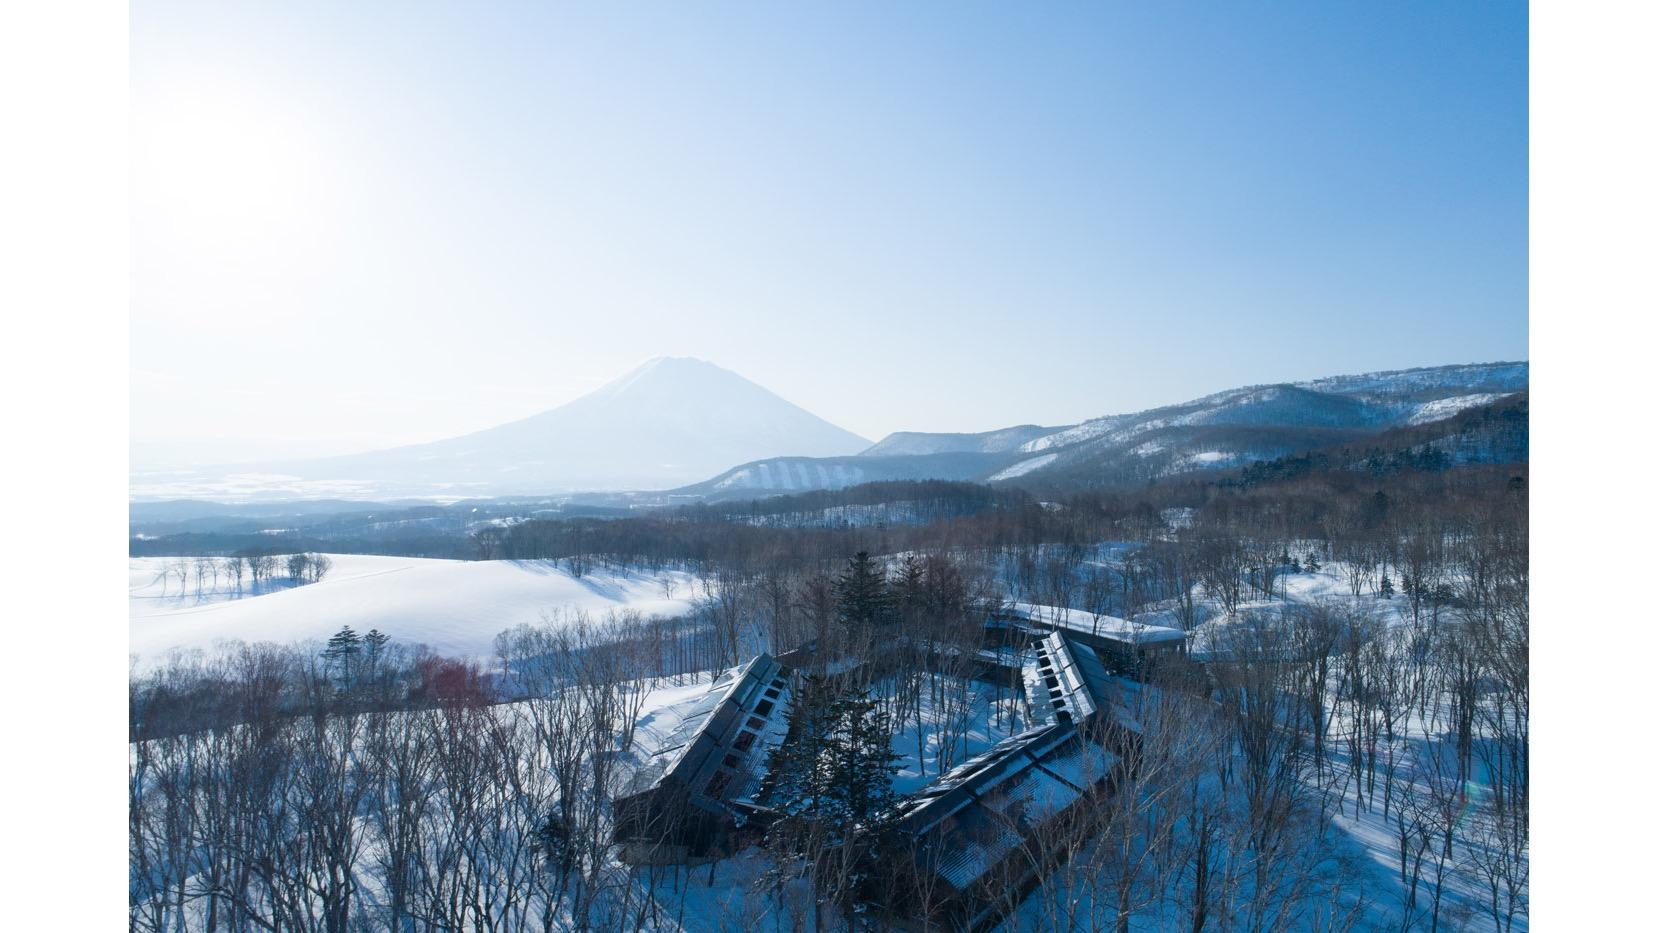 晴天時可以在此眺望羊蹄山的美景。